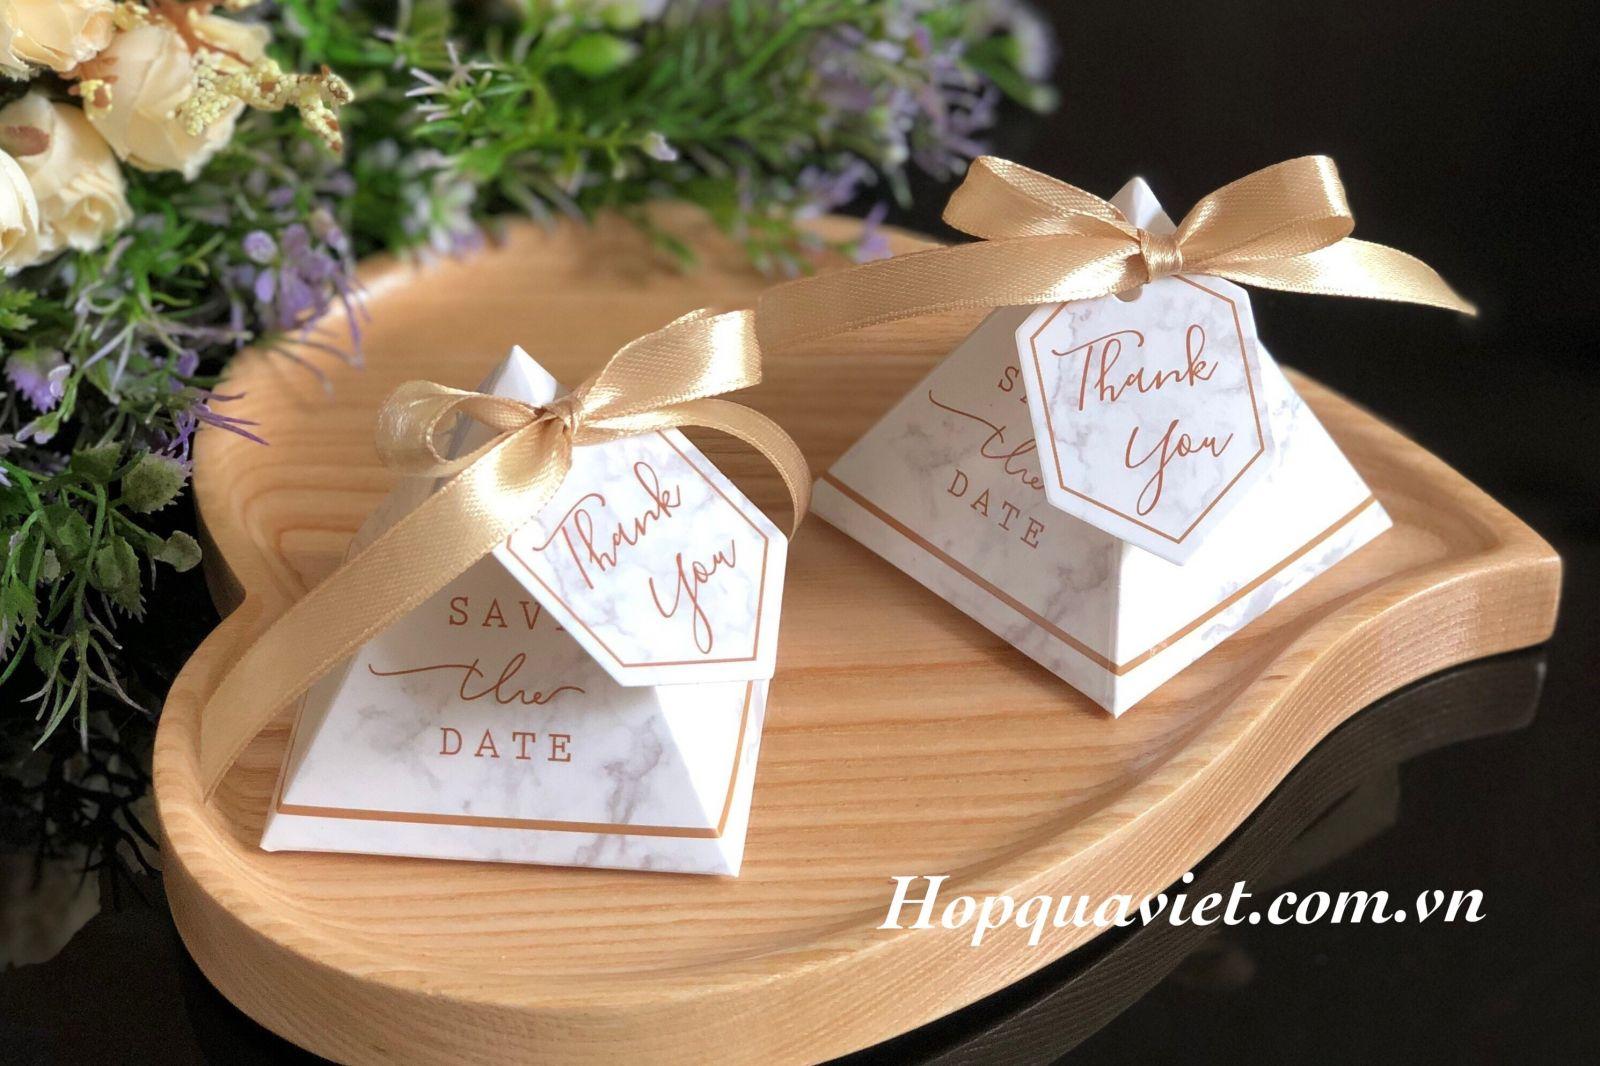 Hộp quà cưới vân đá 18TR (kèm tag thank you)